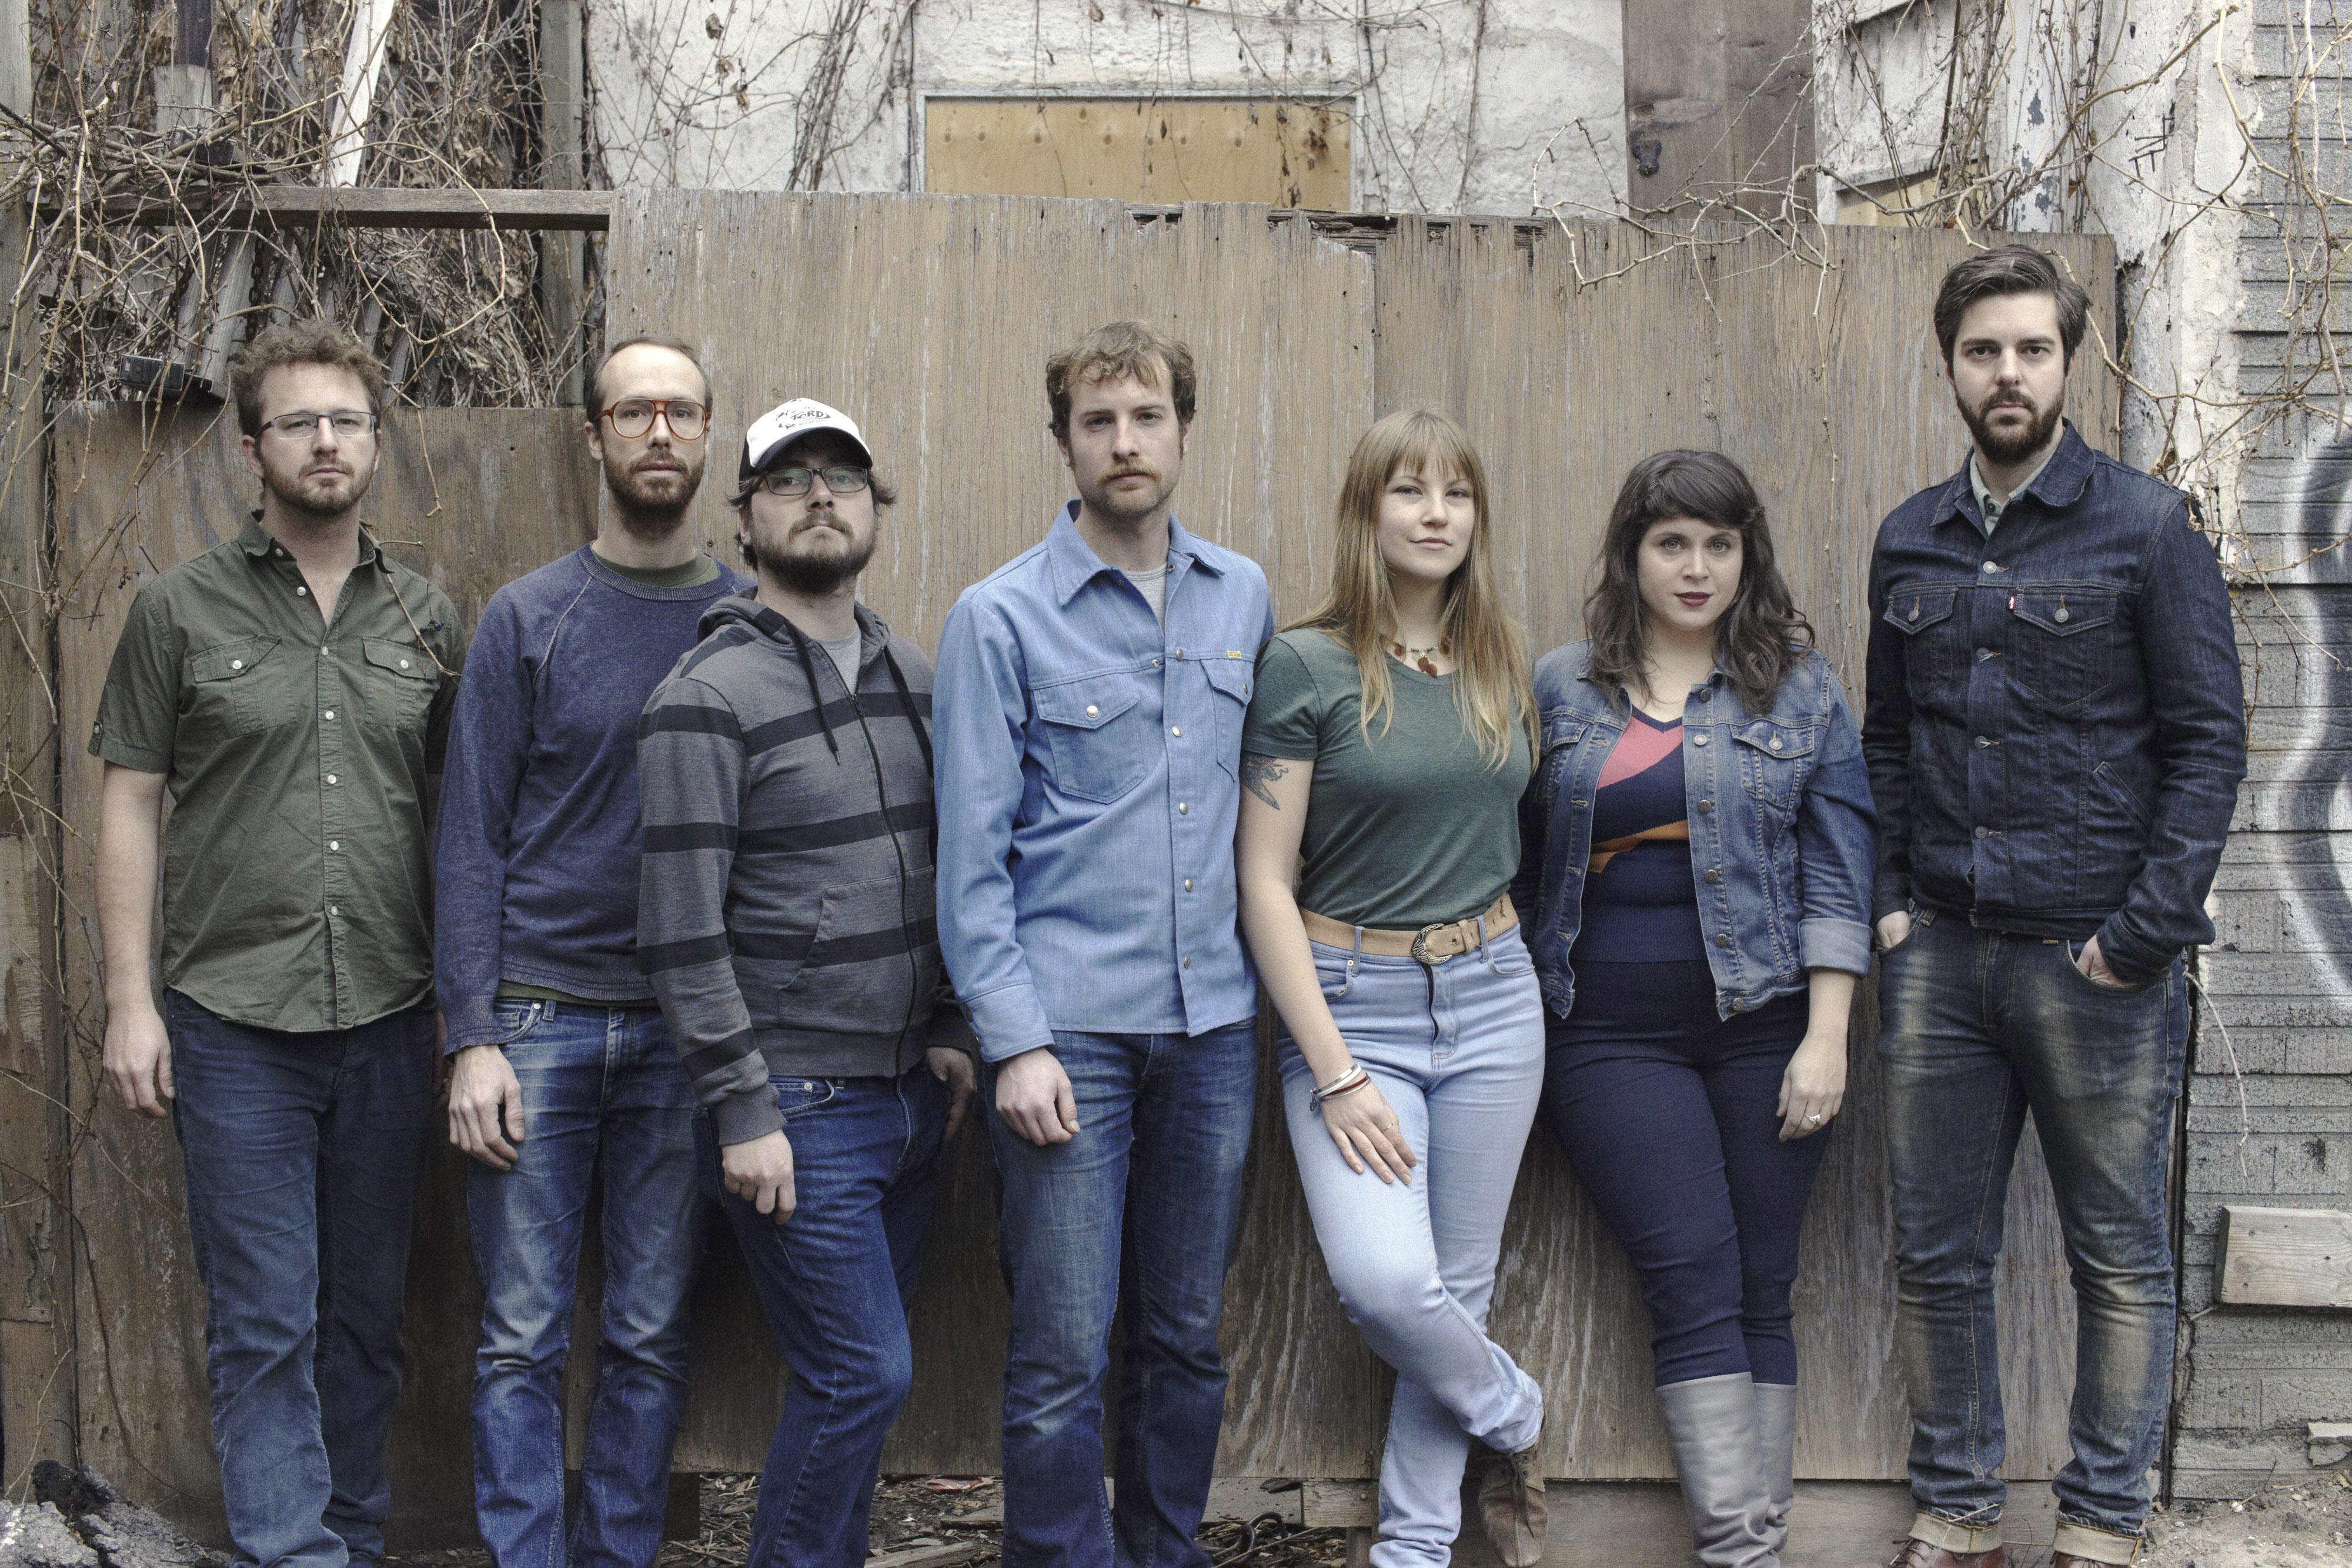 Introducing Canadian Band: Beams